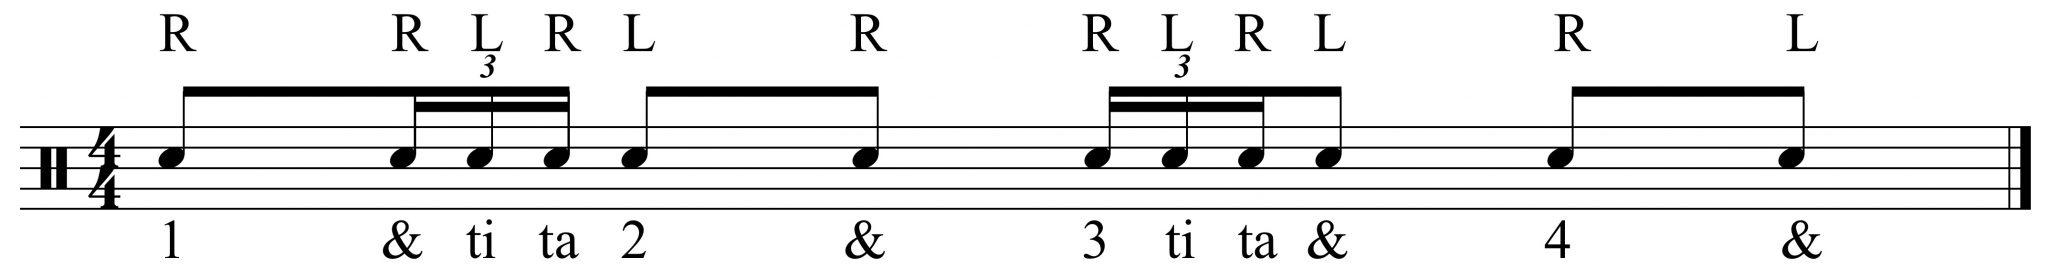 basic fill rhythm